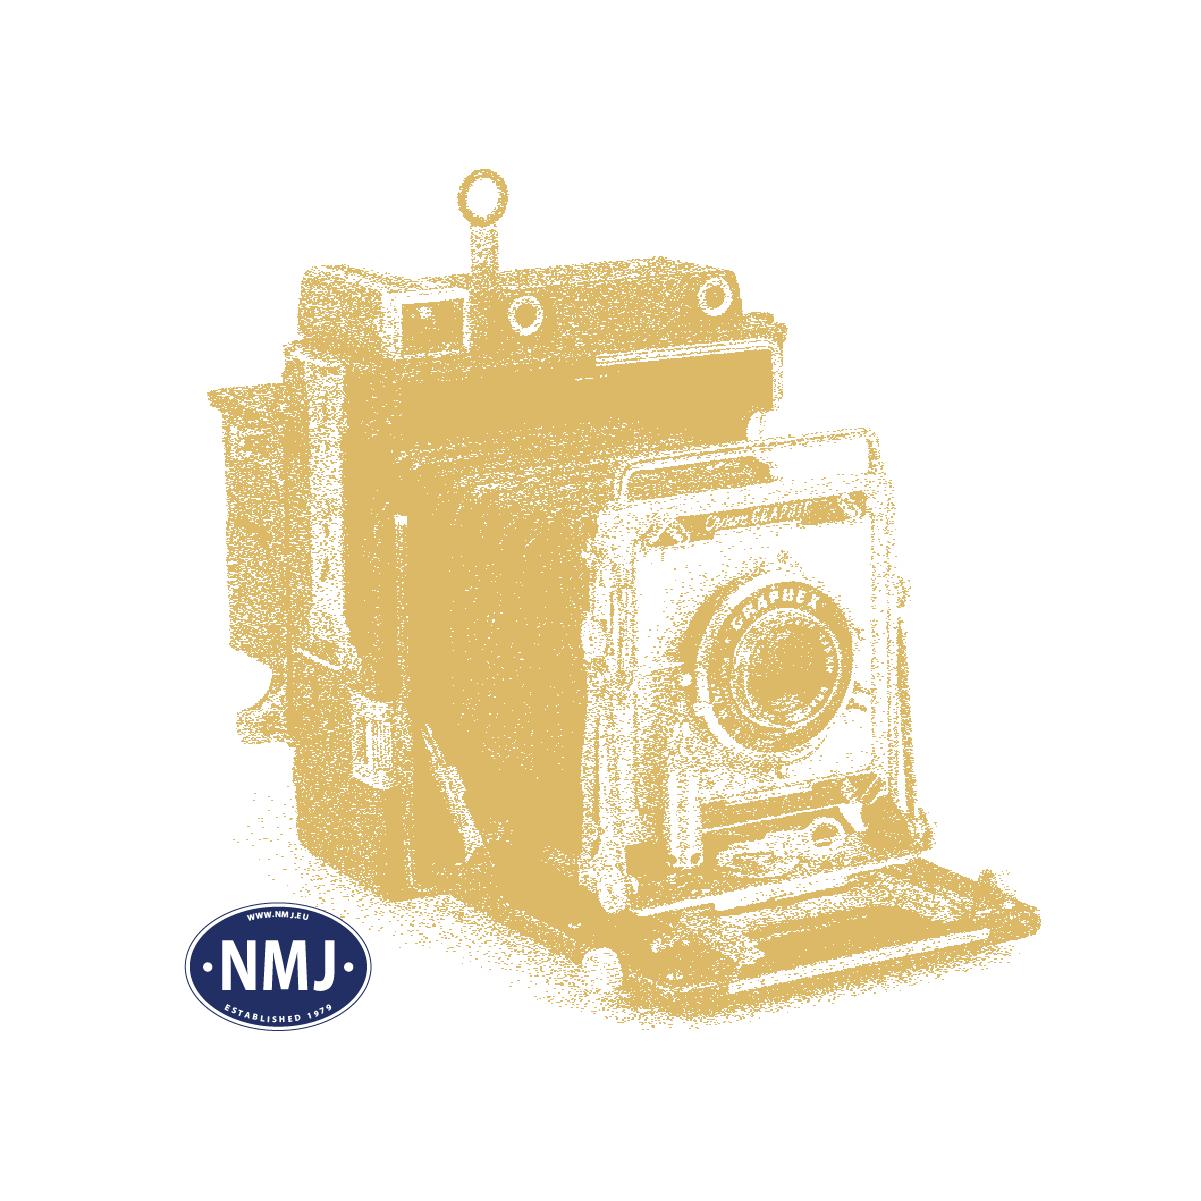 NMJT145301 - NMJ Topline CFL 1602, 0-Skala